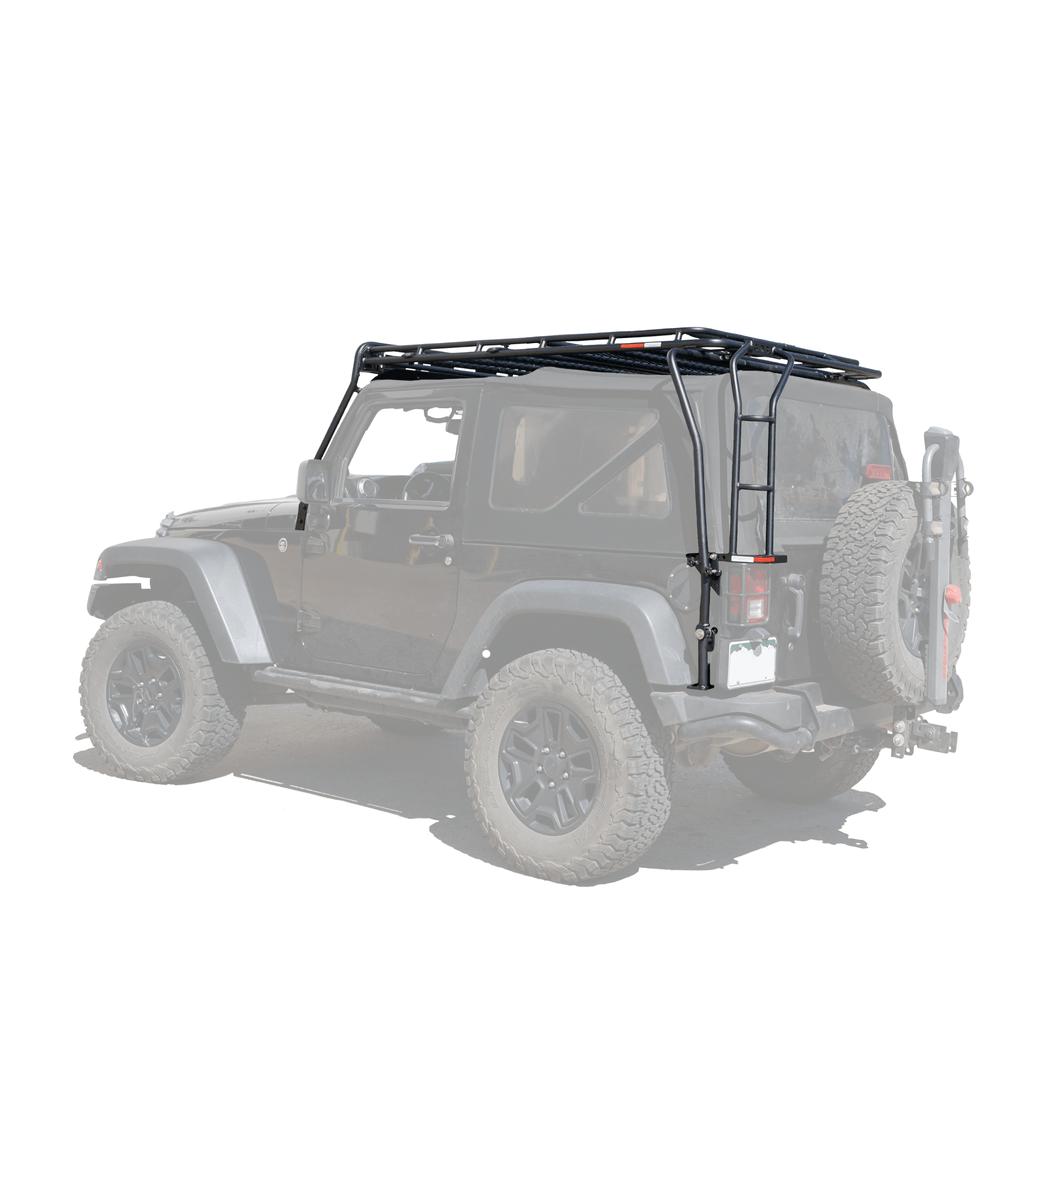 jeep jk 2door stealth rack multi light 50 led setup